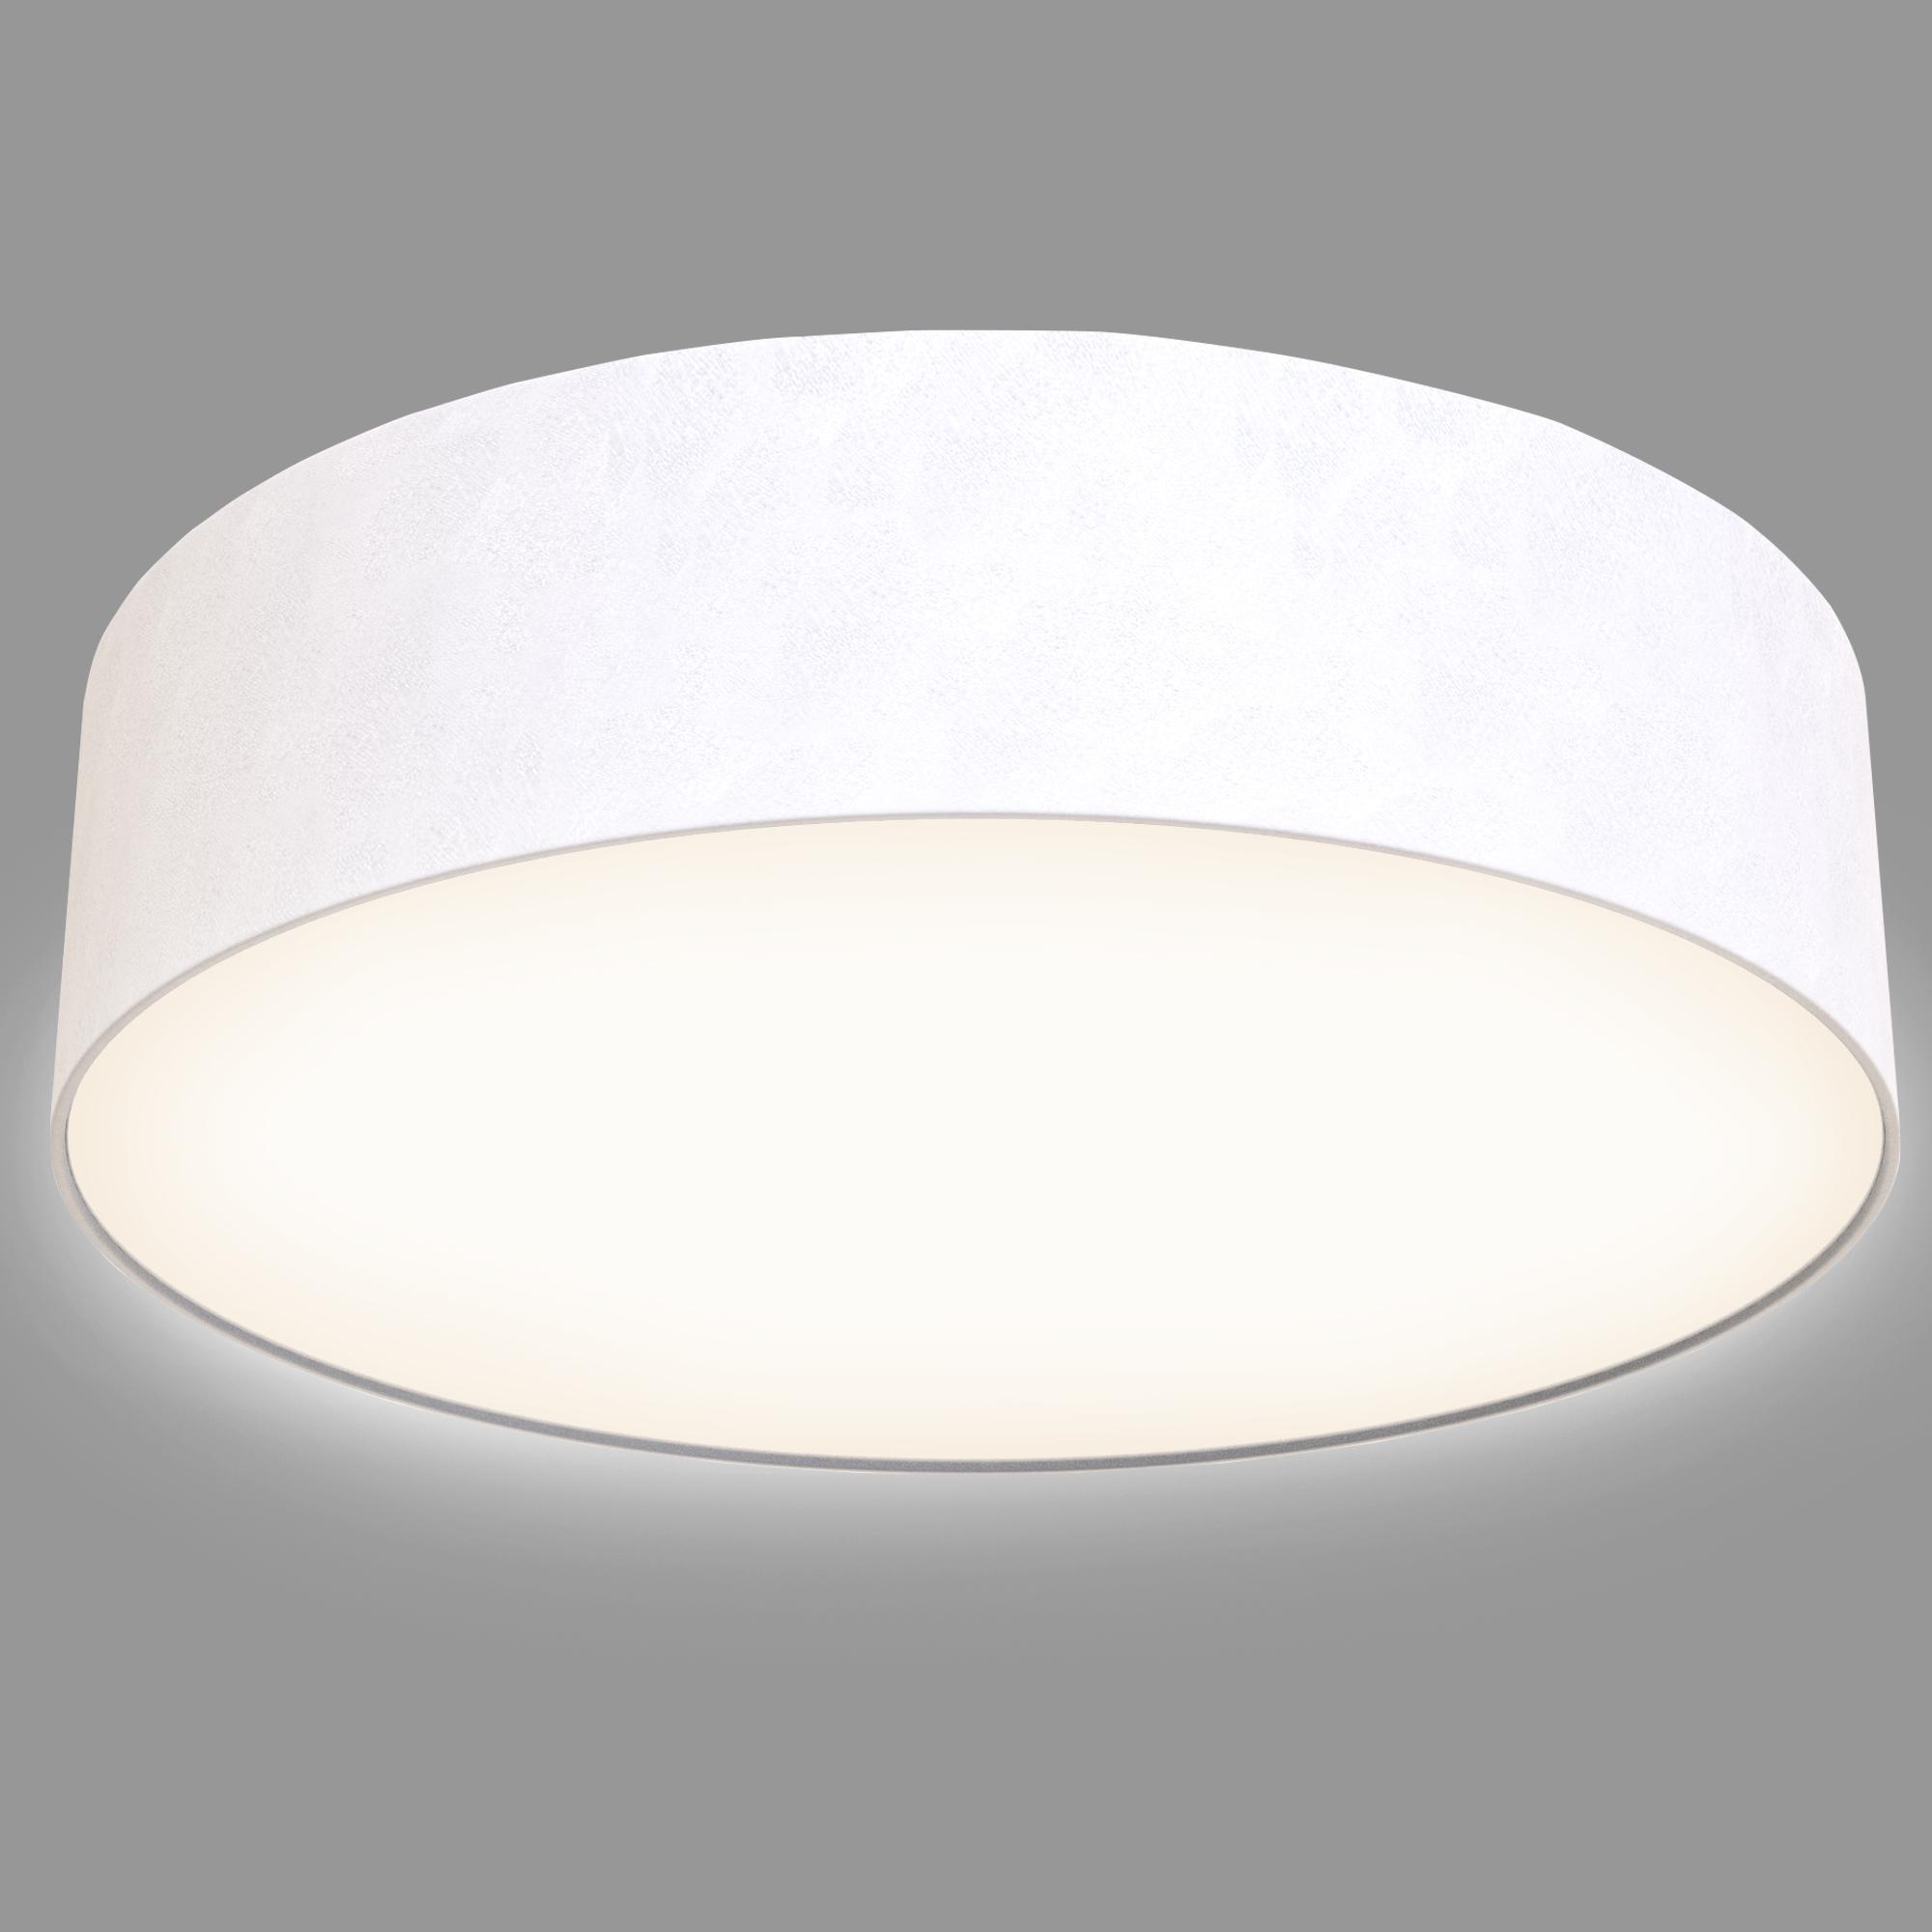 LED Deckenleuchte, Ø 45 cm, 18 W, Weiss